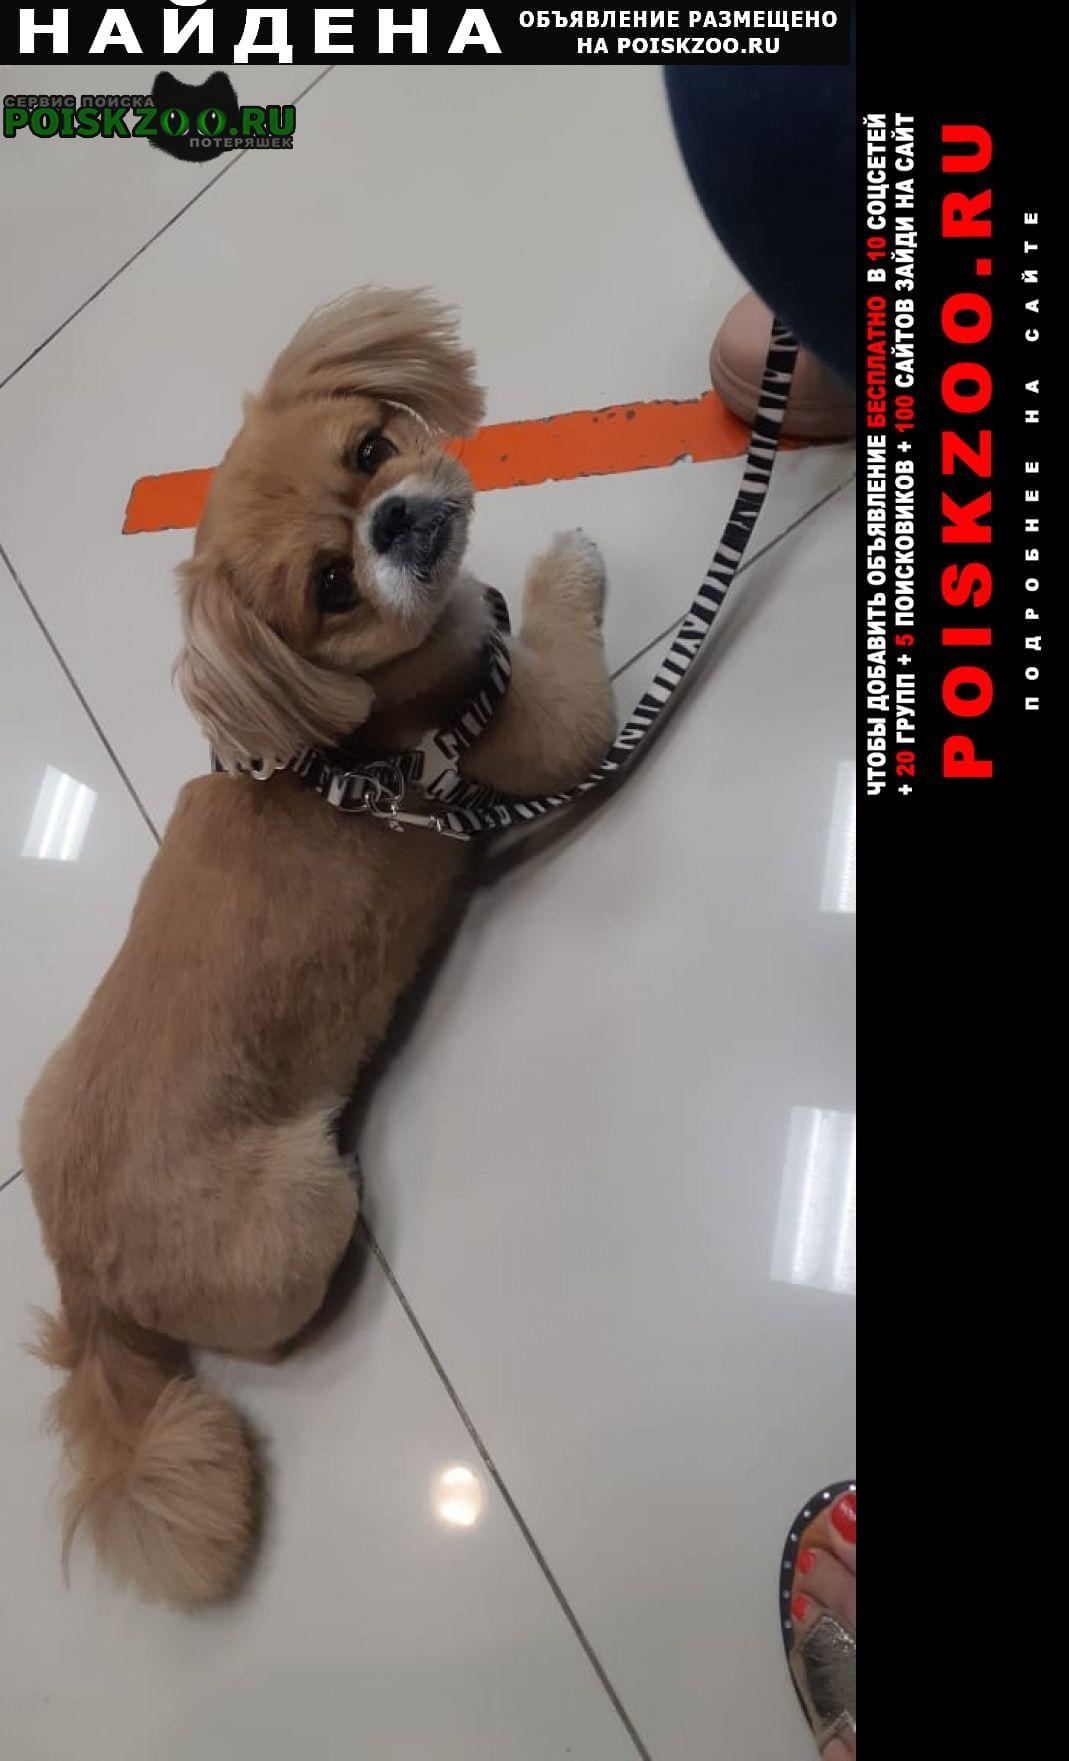 Найдена собака собачка Ростов-на-Дону